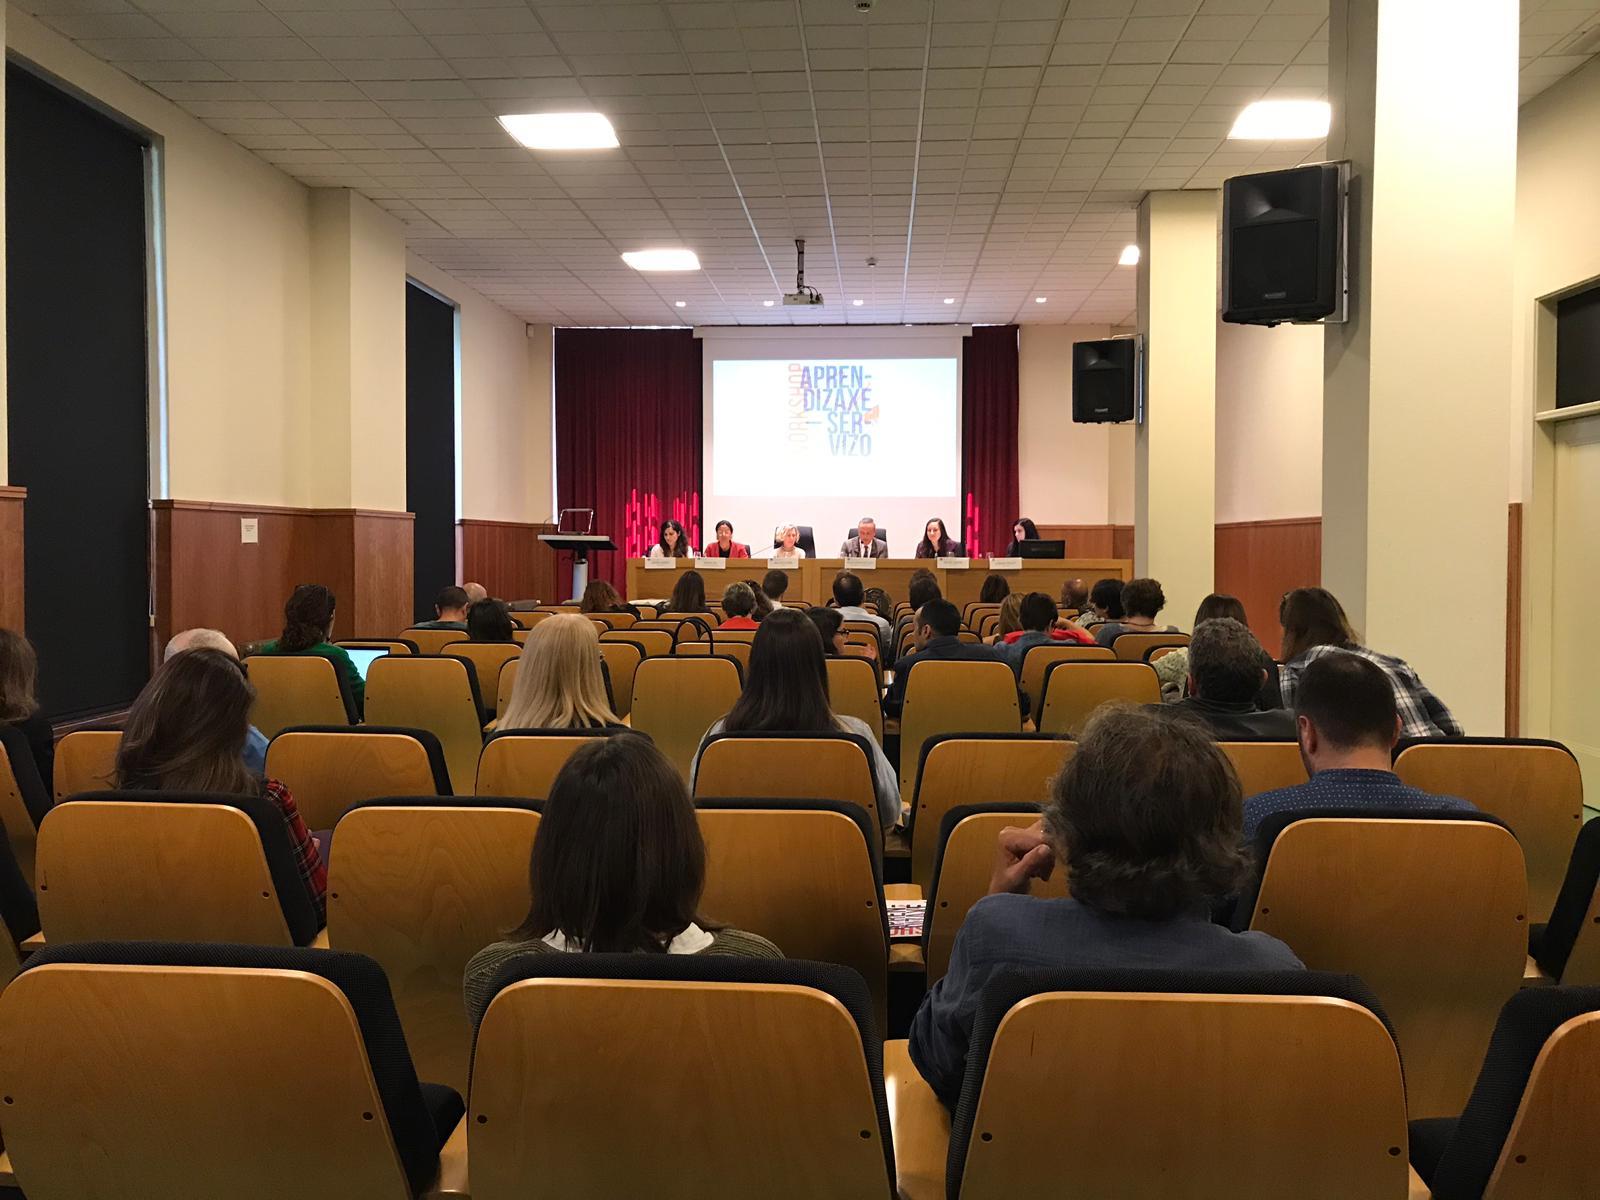 Farmamundi participa en el workshop sobre aprendizaje y servicio organizado por la Universidade de Santiago de Compostela